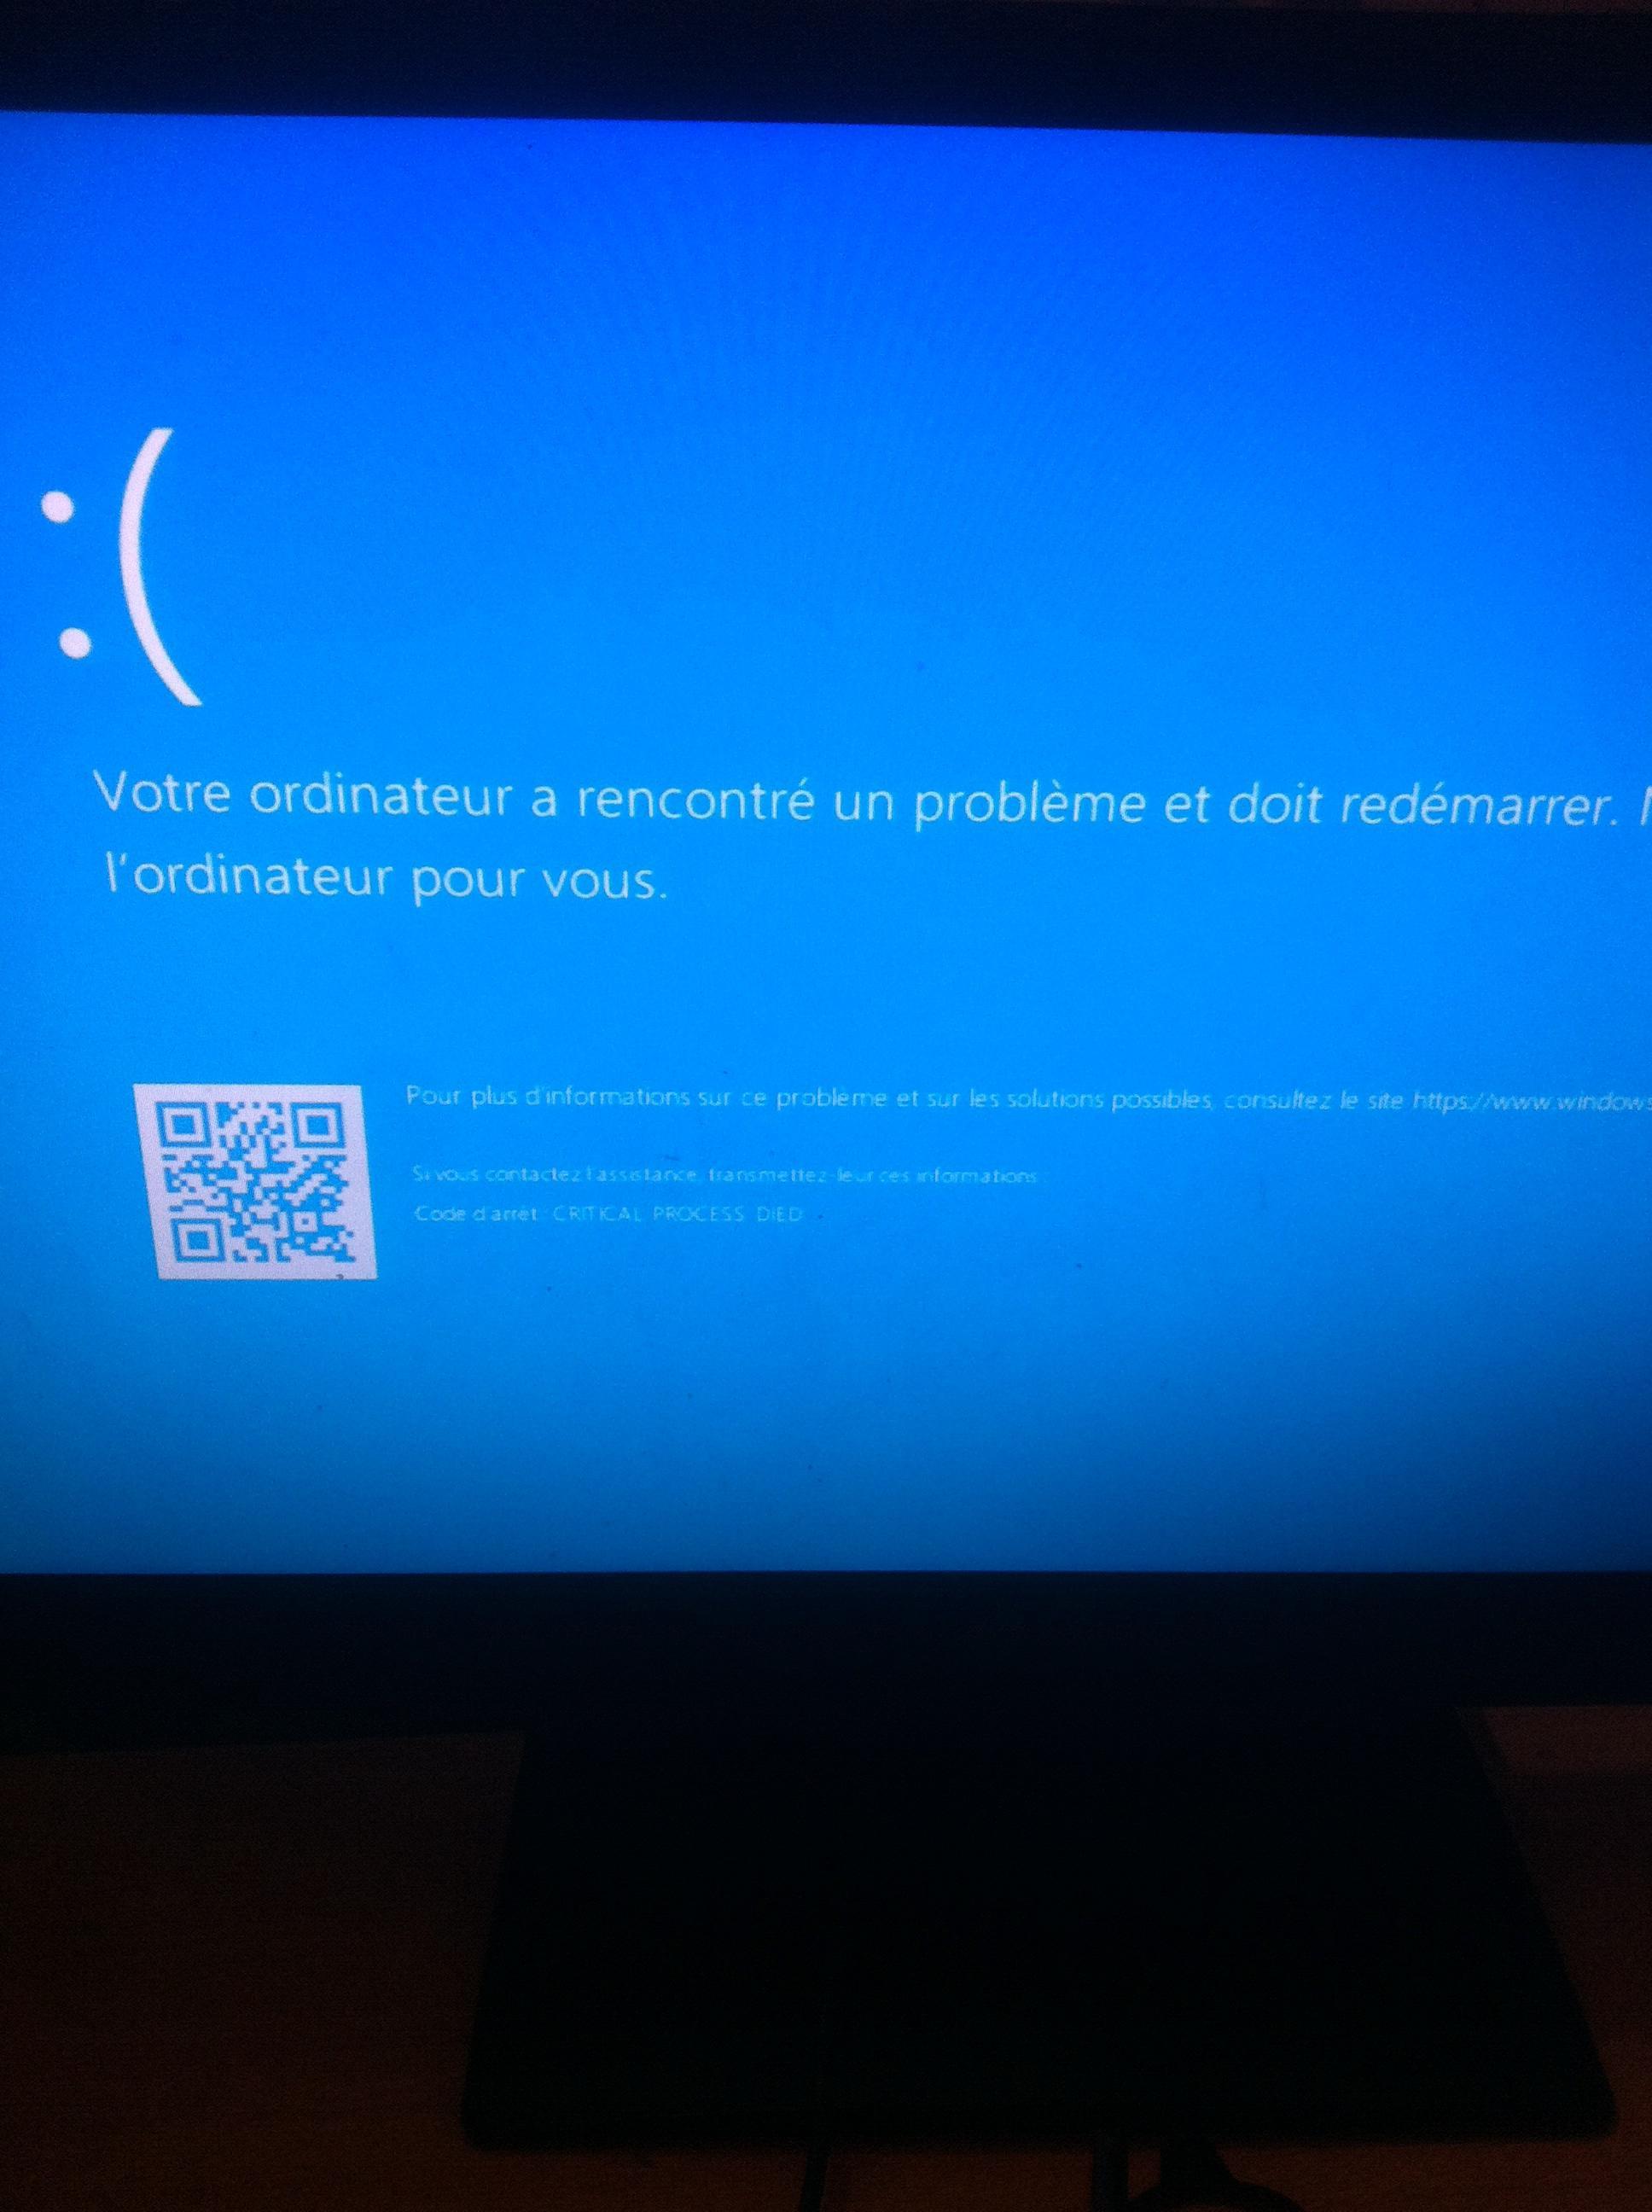 Windows 8 a rencontre un probleme et doit redemarrer